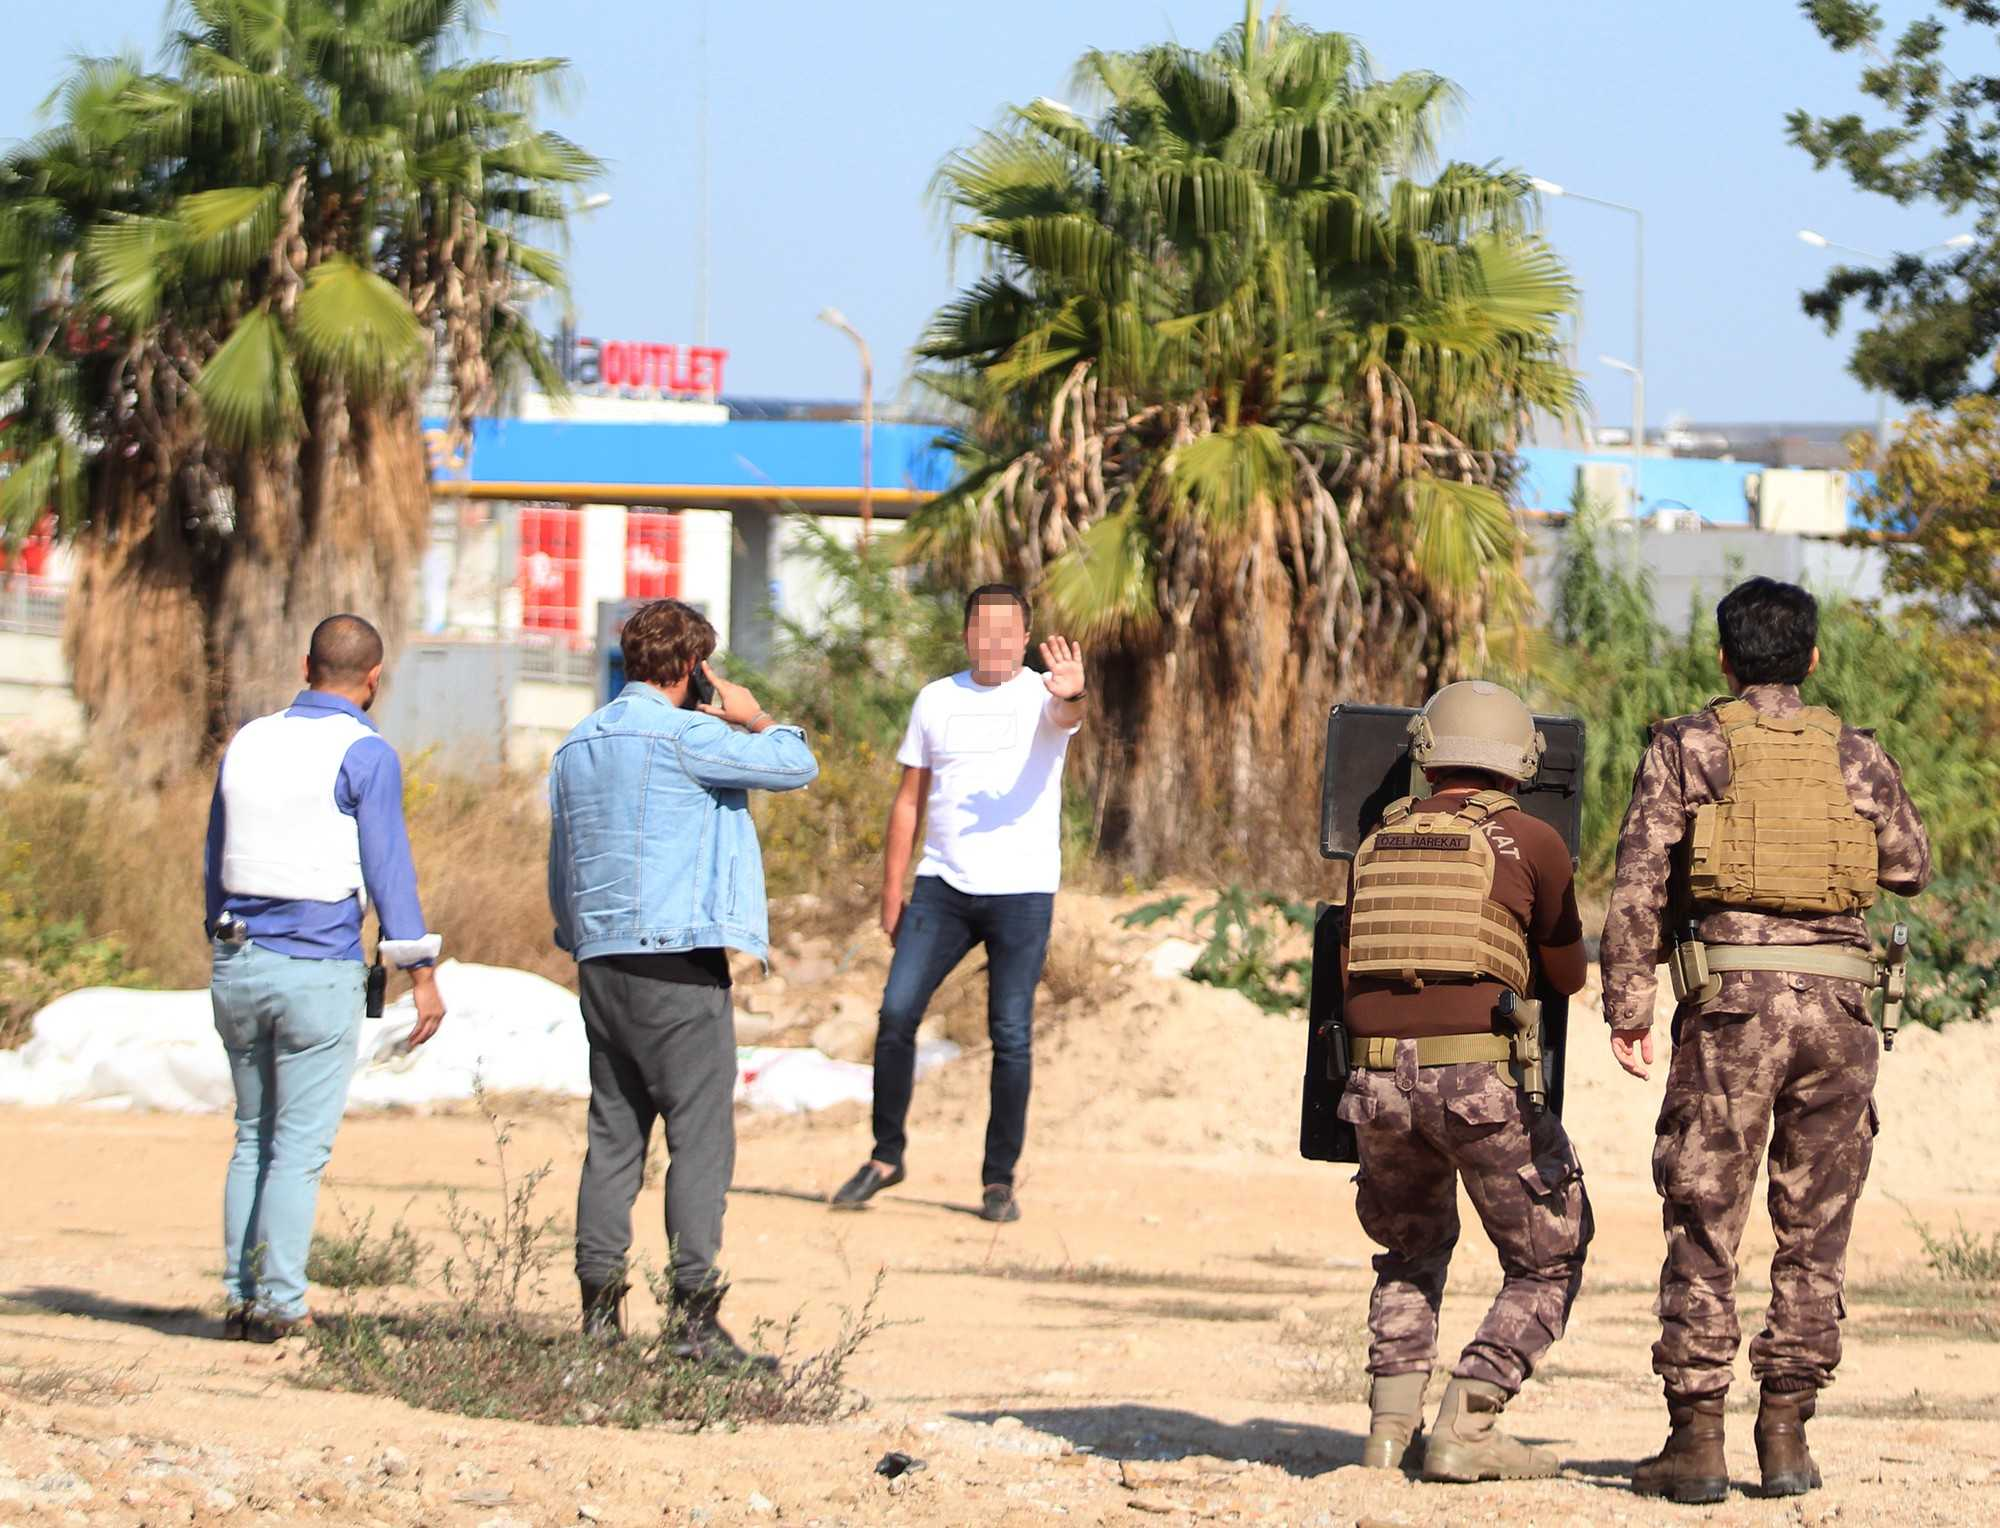 Silahlı eylemci Özel Harekat polisini alarma geçirdi